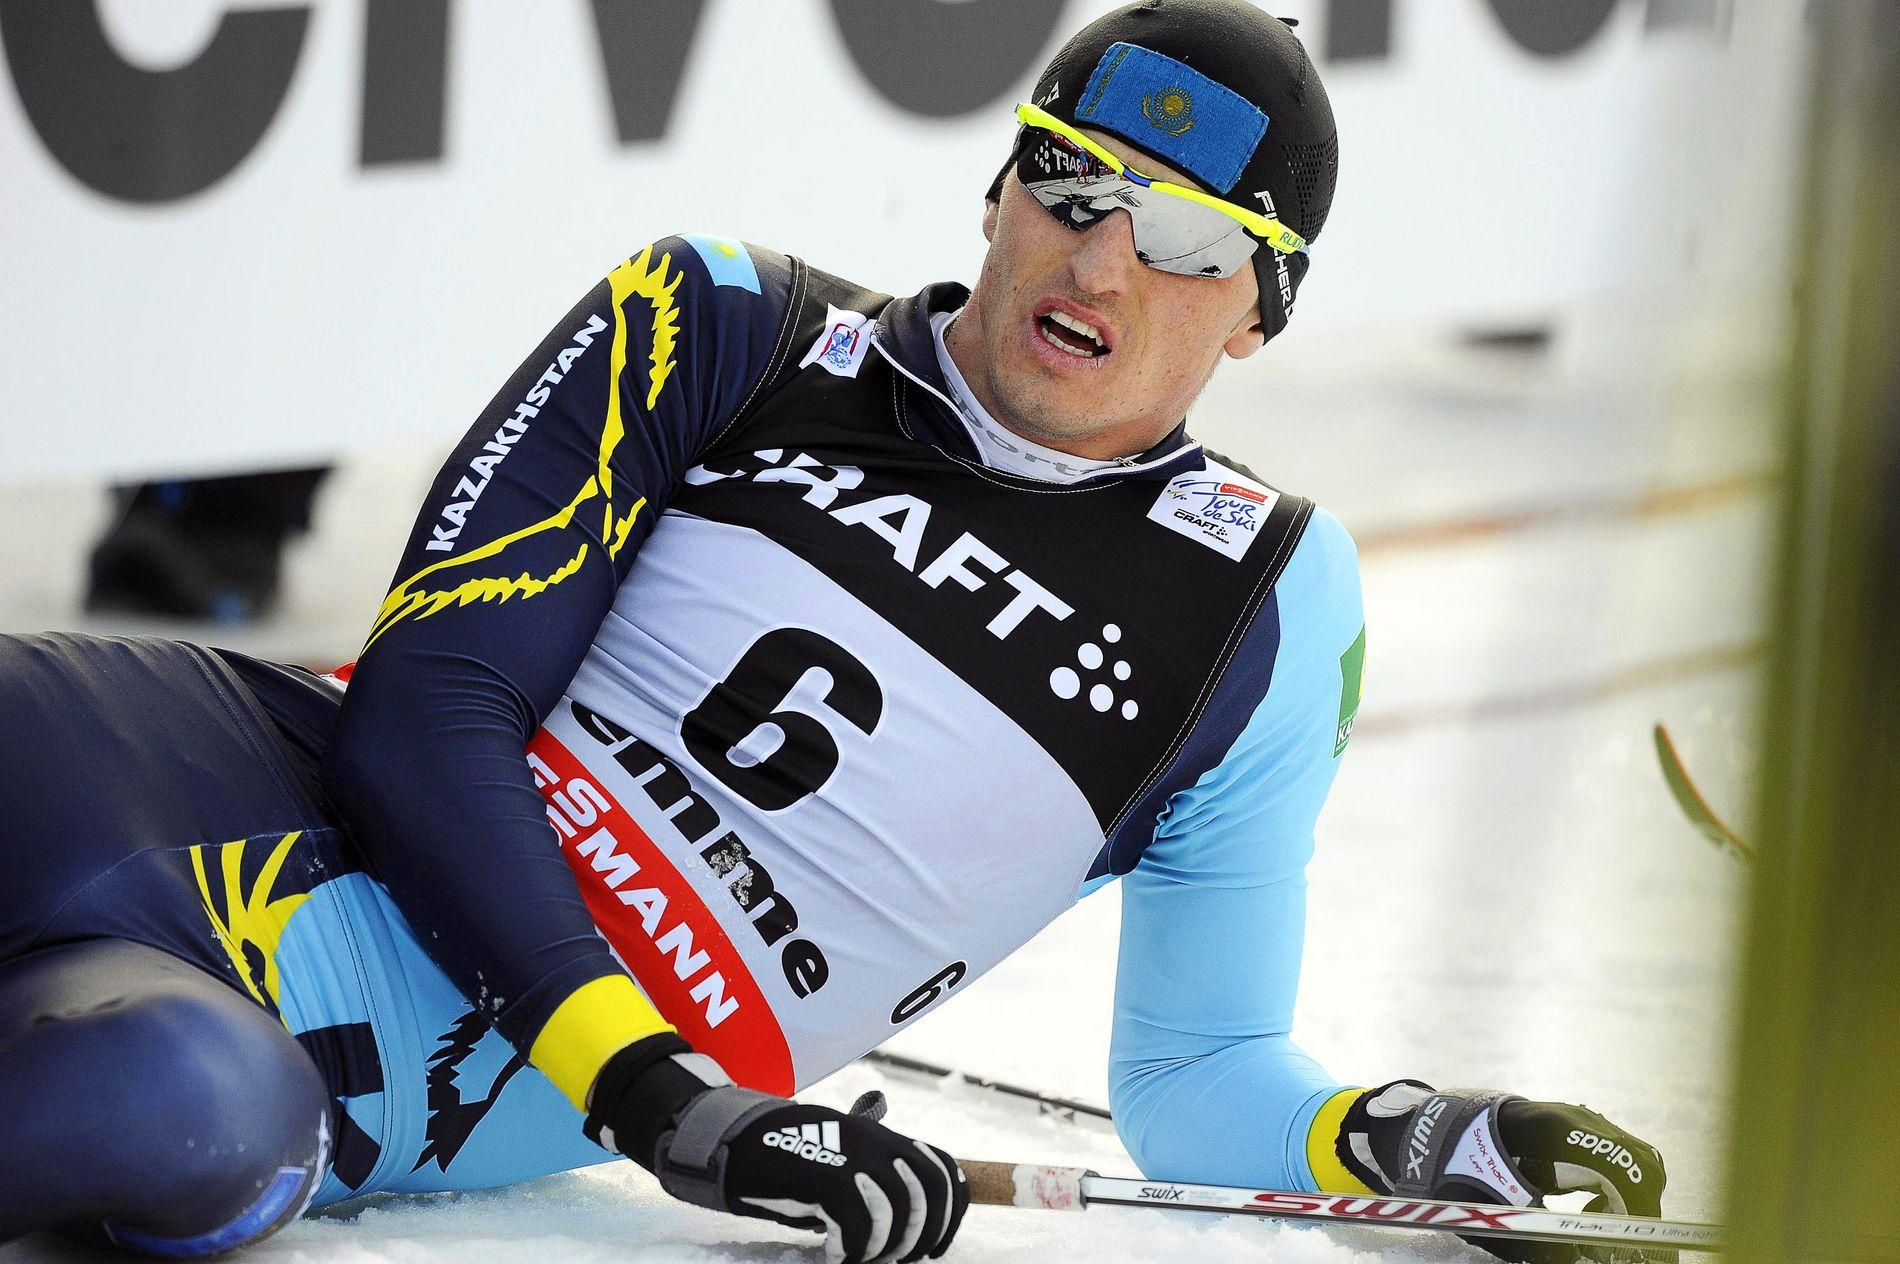 OMSTRIDT: Aleksej Poltaranin fra Kasakhstan.